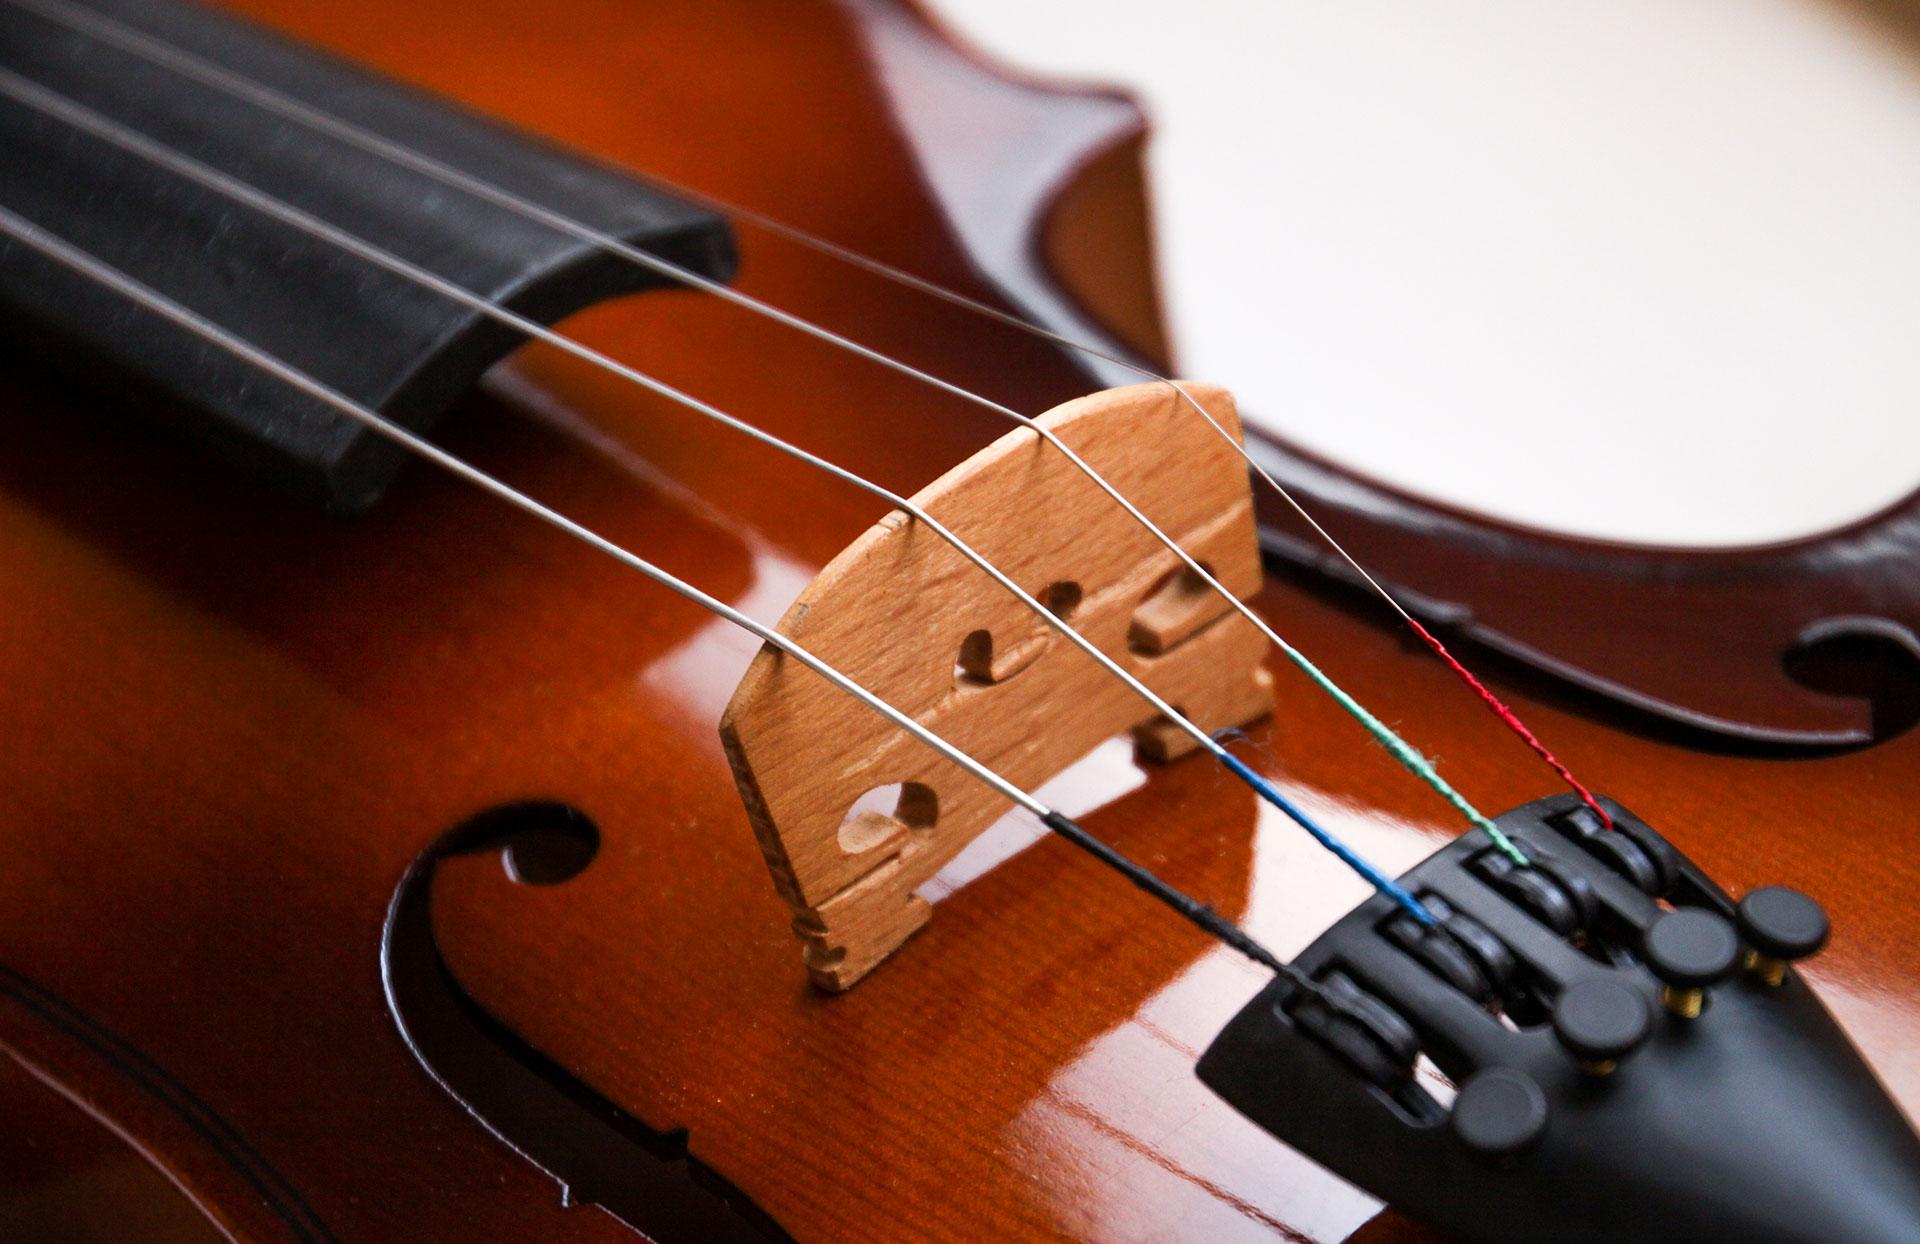 Suzuki Violin Rochester Ny